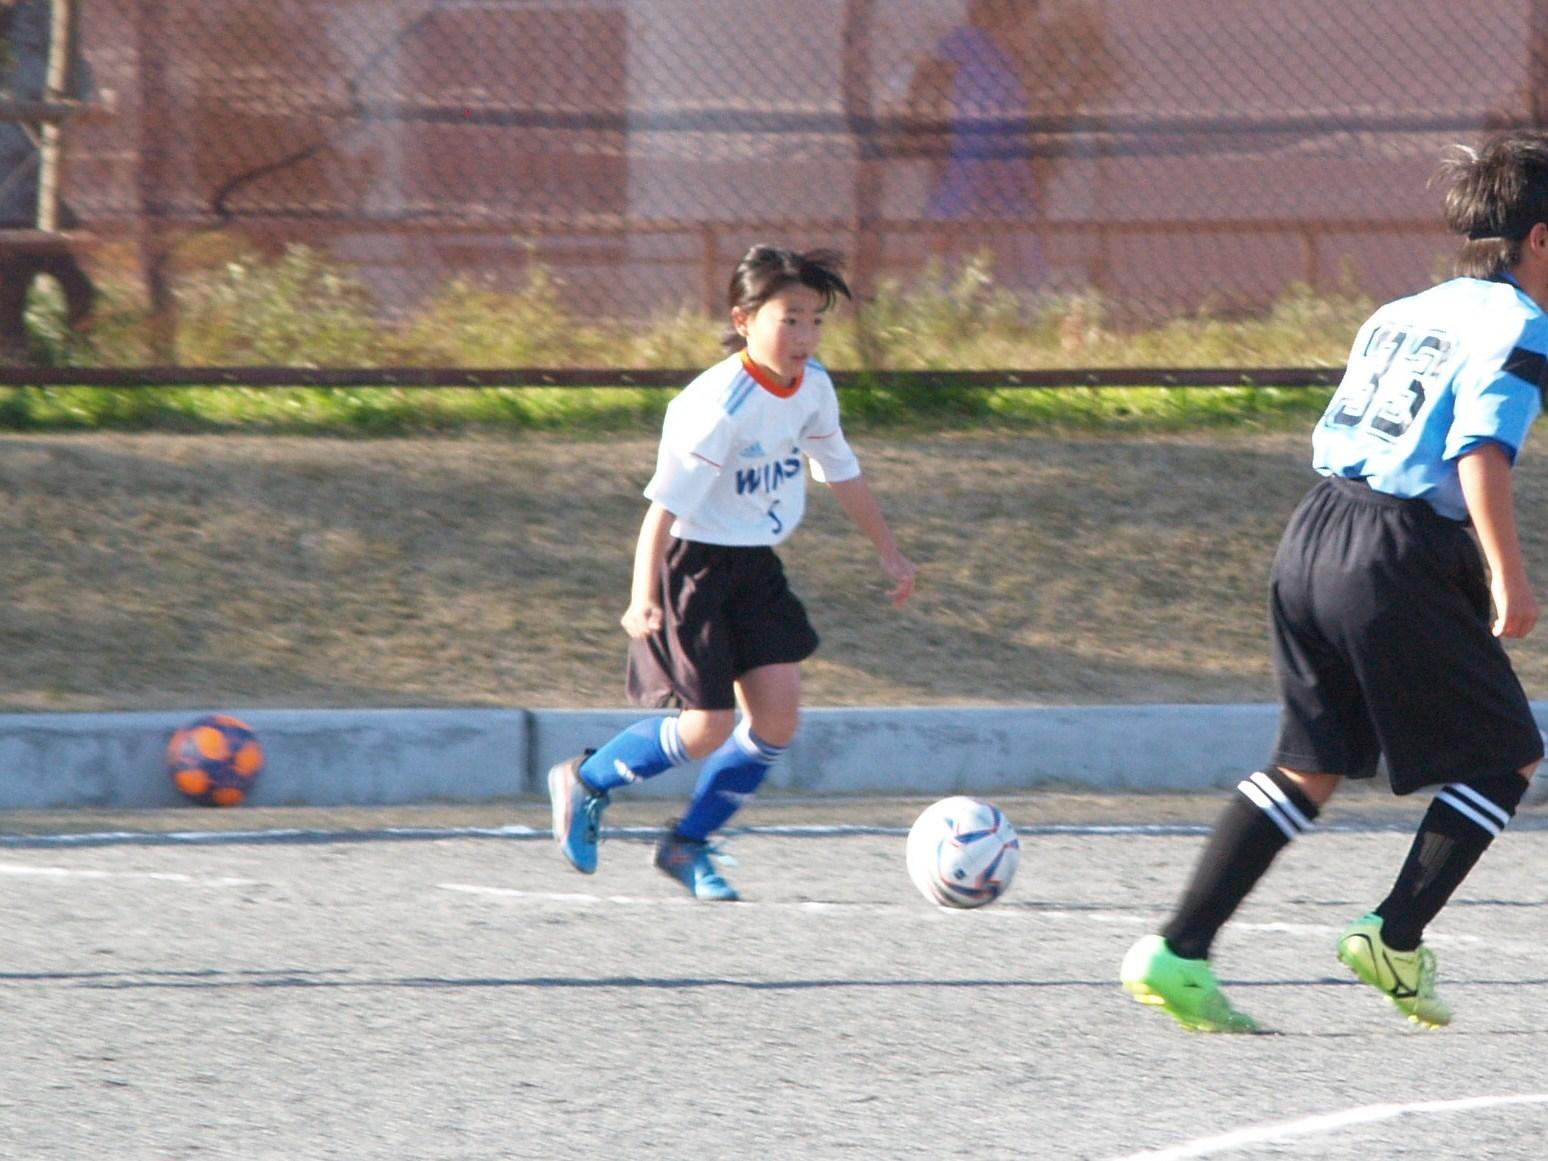 YGL(横浜ガールズリーグ) U-12_f0375011_00092773.jpg